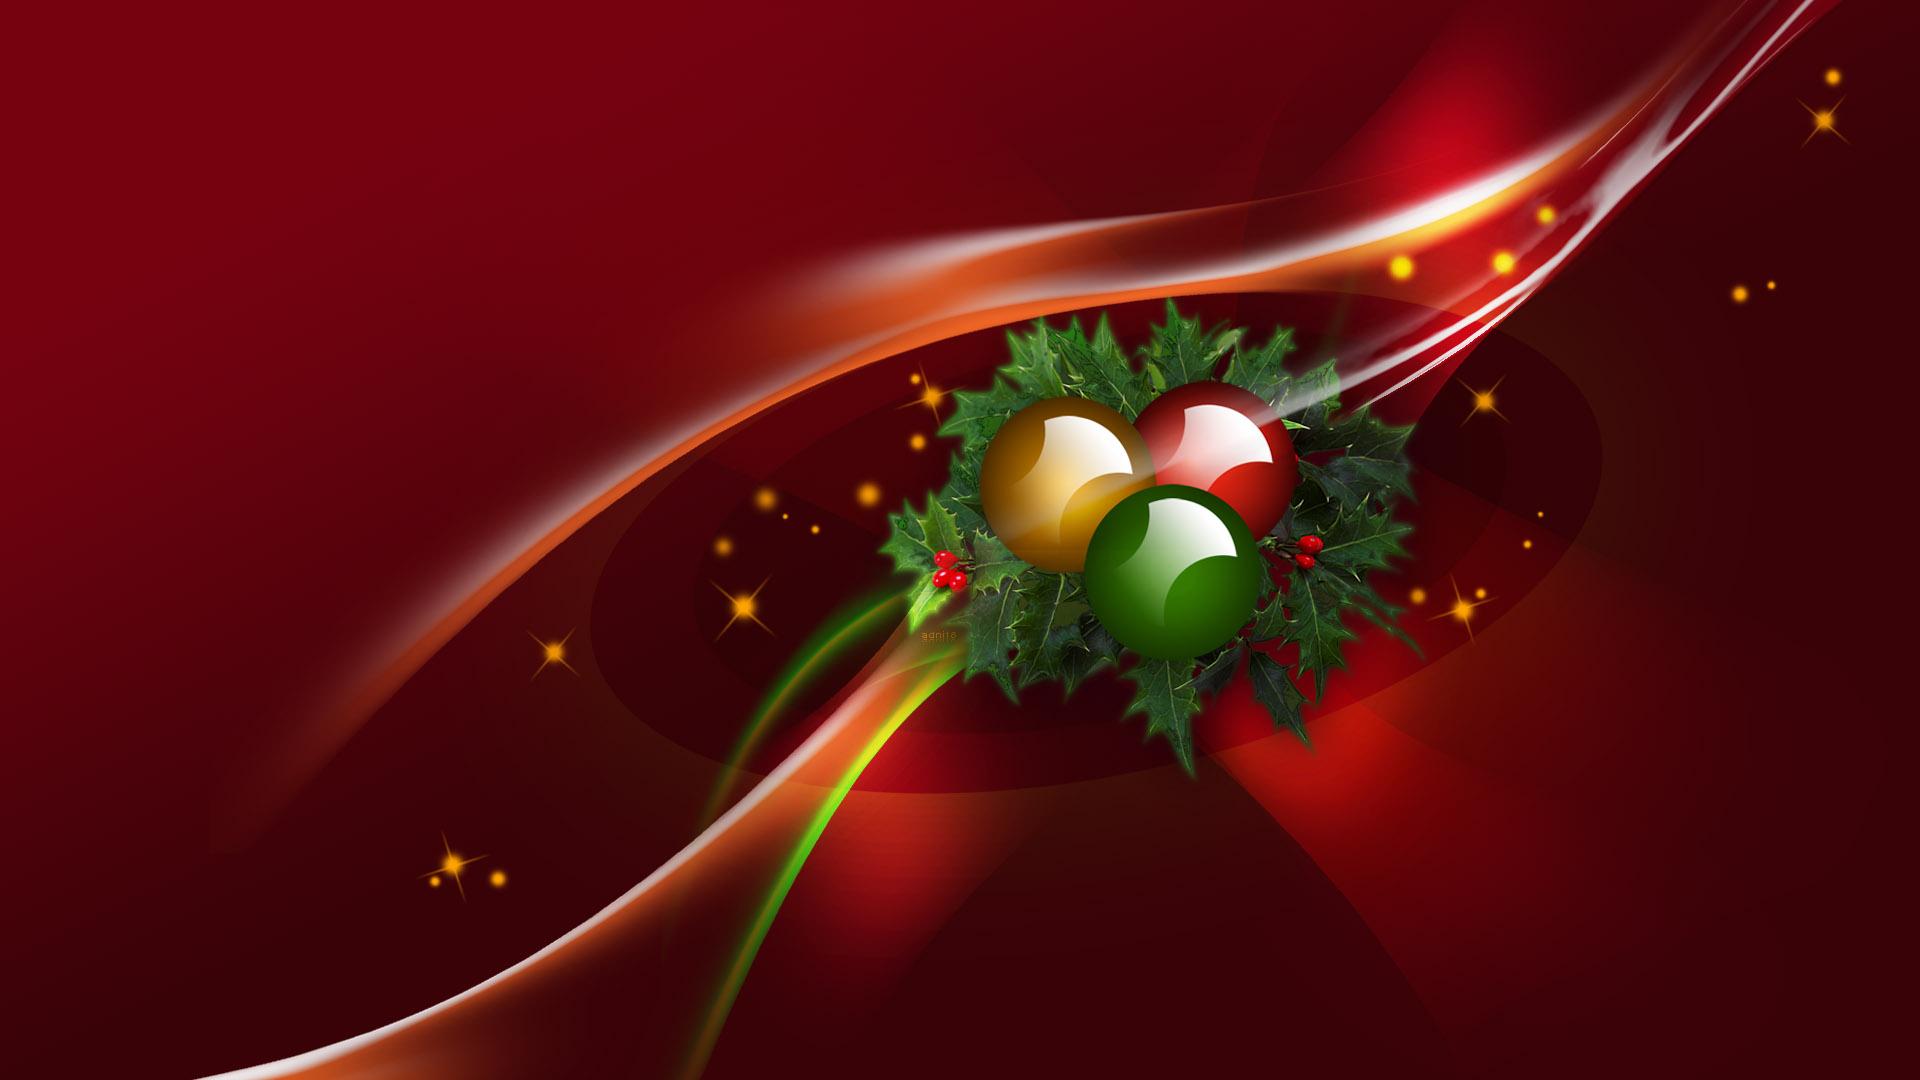 Best Love Fond Ecran Hd: Fonds D'écran De Noel HD à Télécharger Gratuit